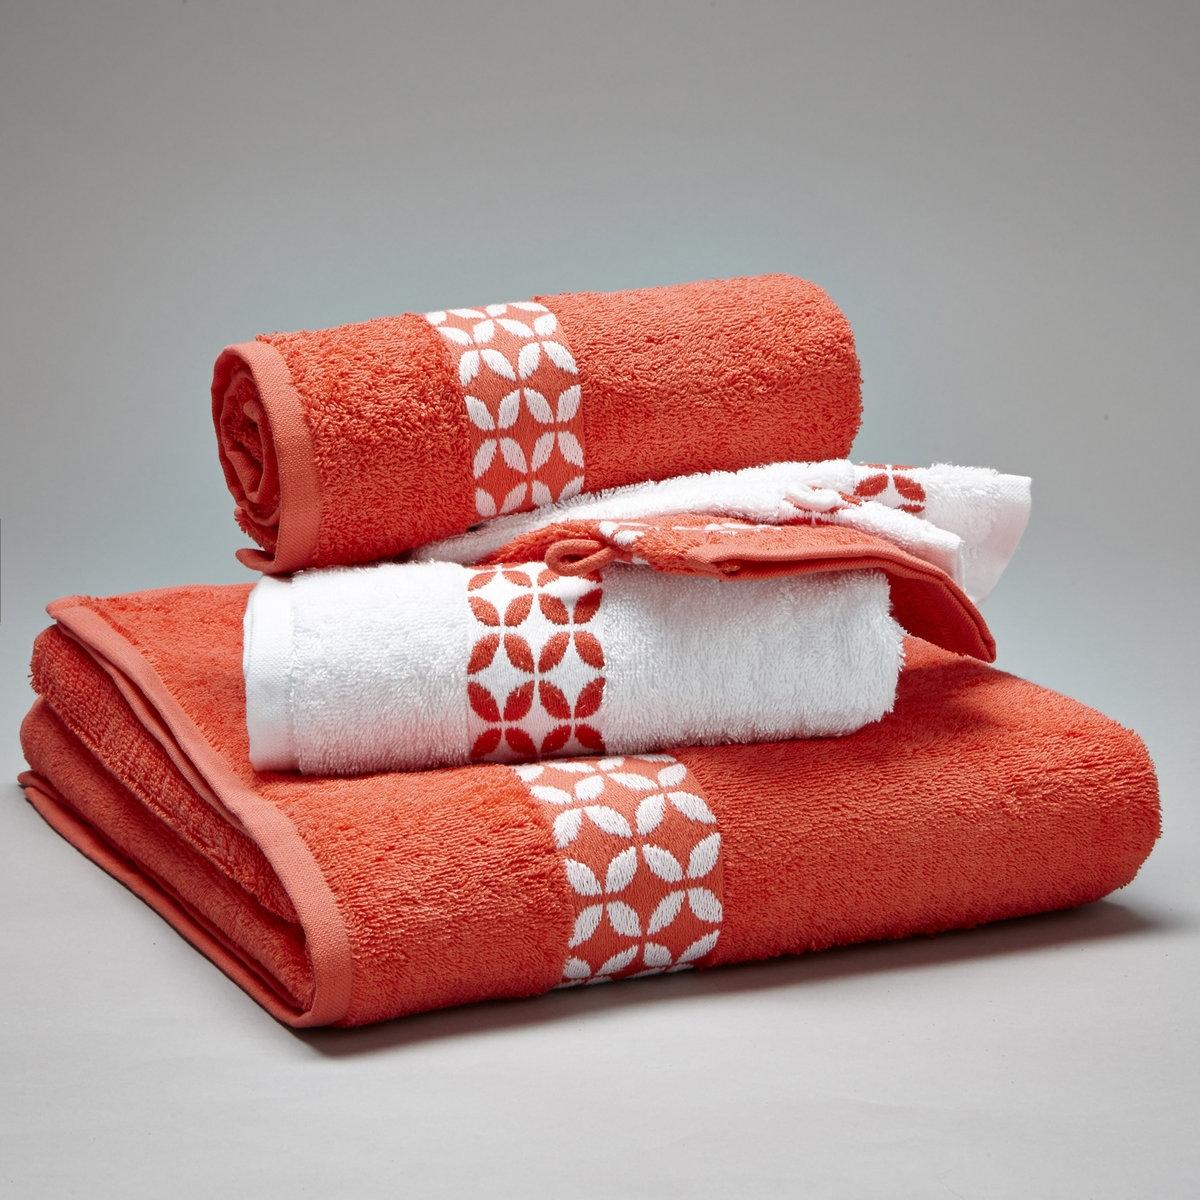 Комплект для ванной, 420 г/м?Комплект с узорчатой каймой для ванной:- 1 однотонное банное полотенце 70 x 130 см - 2 стандартных полотенца 50 x 90 см - 2 однотонные банные рукавички 15 x 21 см.Махровая ткань из 100% хлопка, 420 г/м?. Материал долго сохраняет мягкость и прочность. Превосходная стойкость цвета при стирке 60°. Машинная сушка.<br><br>Цвет: коралловый/белый